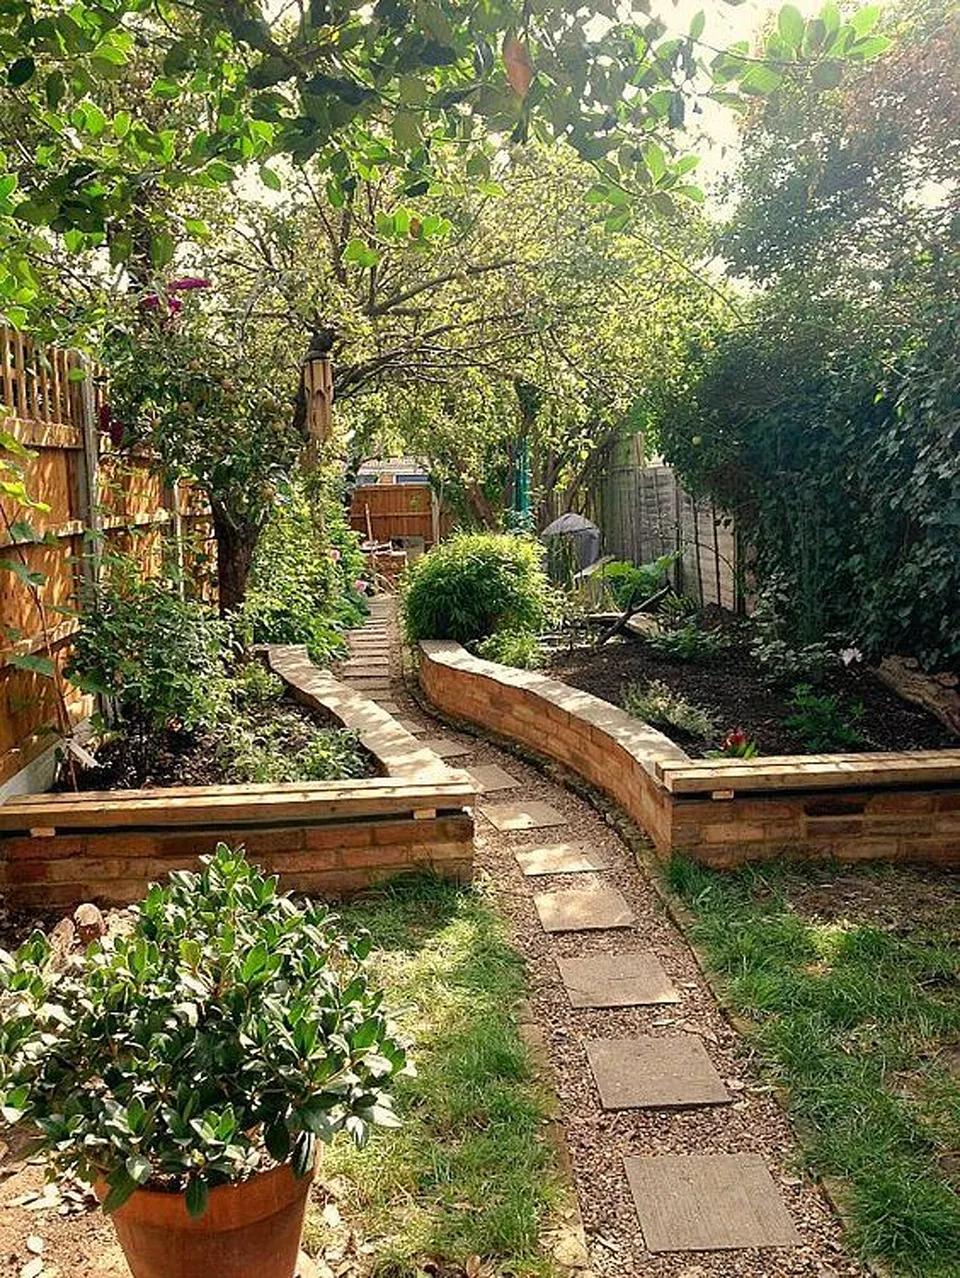 Dekorationly.com Die zehn schönsten Ziergräser für Euren Garten: Ihr würdet gerne Ziergräser pflanzen, könnt Euch… ziergraser wurdet schonsten gerne garten euren